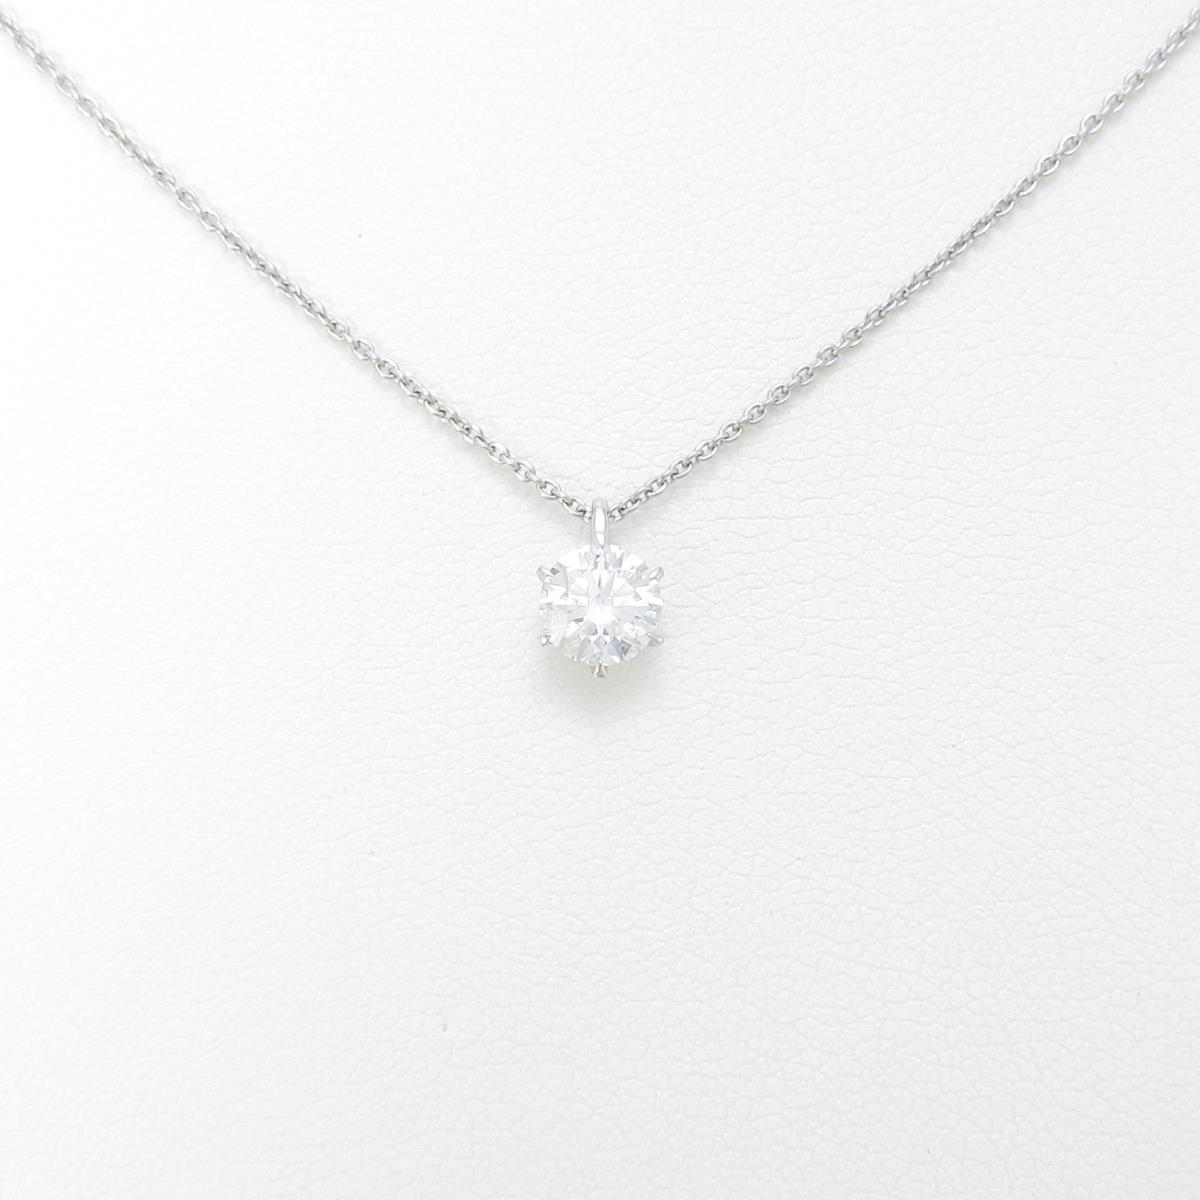 【リメイク】プラチナダイヤモンドネックレス 0.511ct・G・SI2・3EXT【中古】